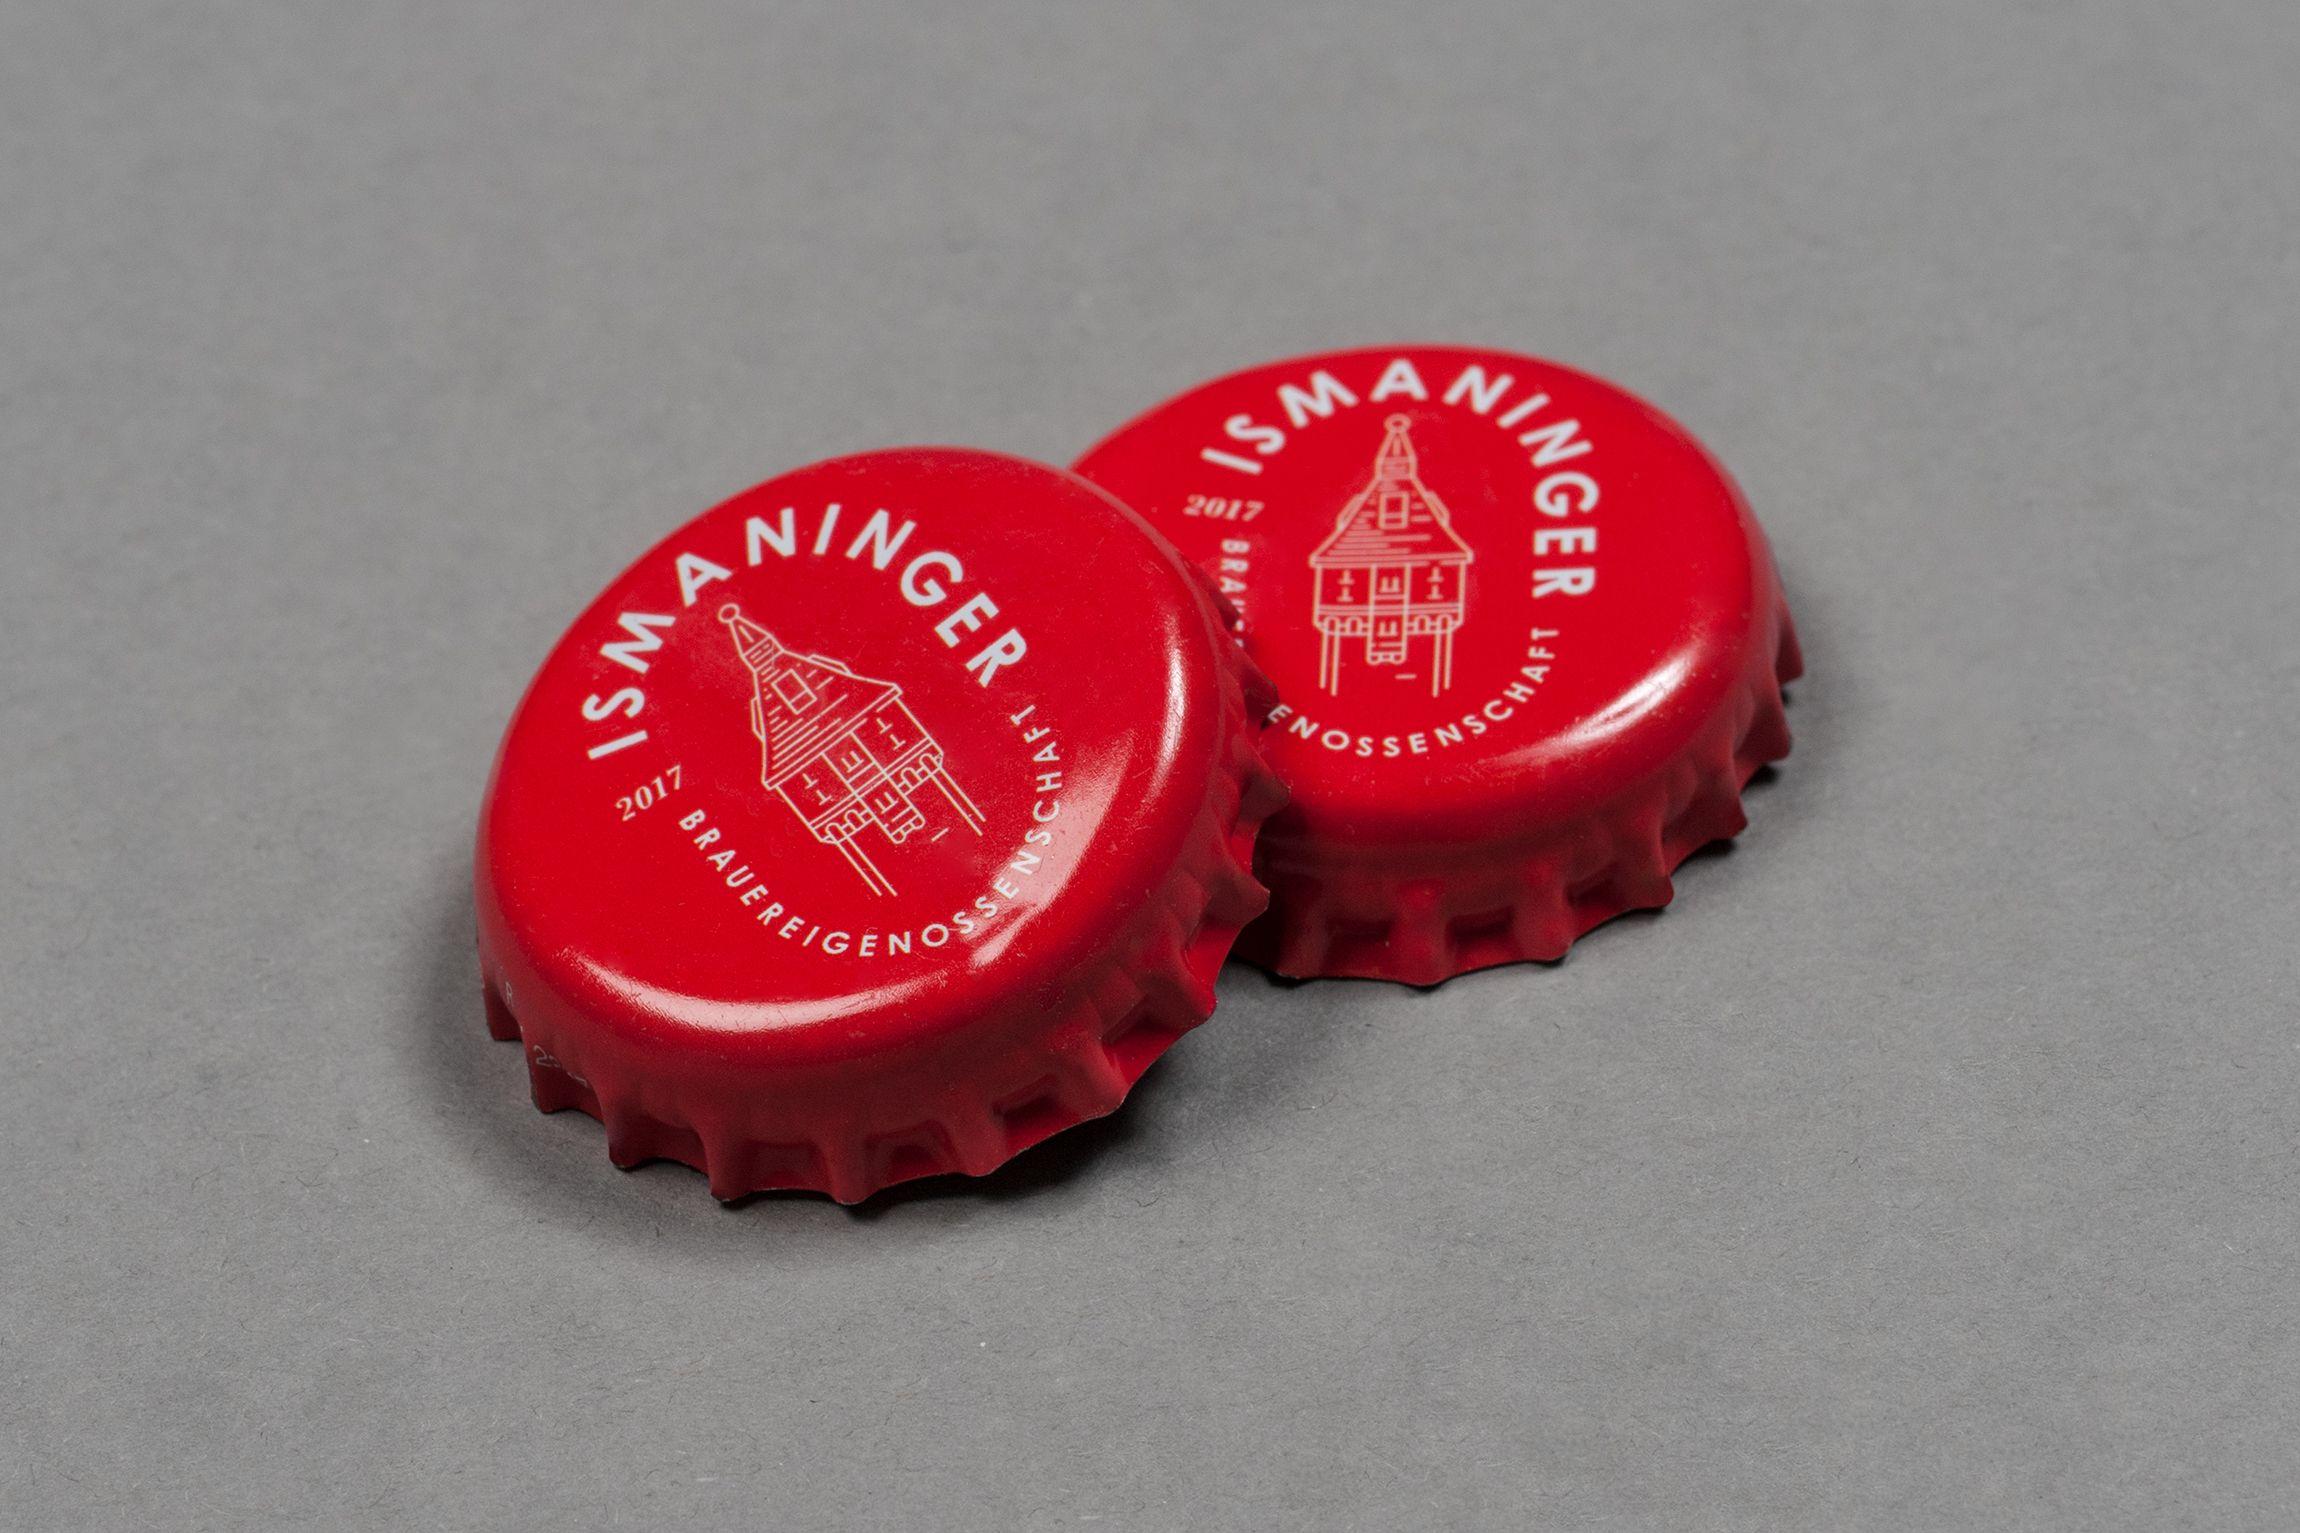 Ismaninger Brauereigenossenschaft Unverwechselbares Brand Design Fur Ein Neues Charakterbier Beer Design Packaging Logo Branding Design Brauerei Design